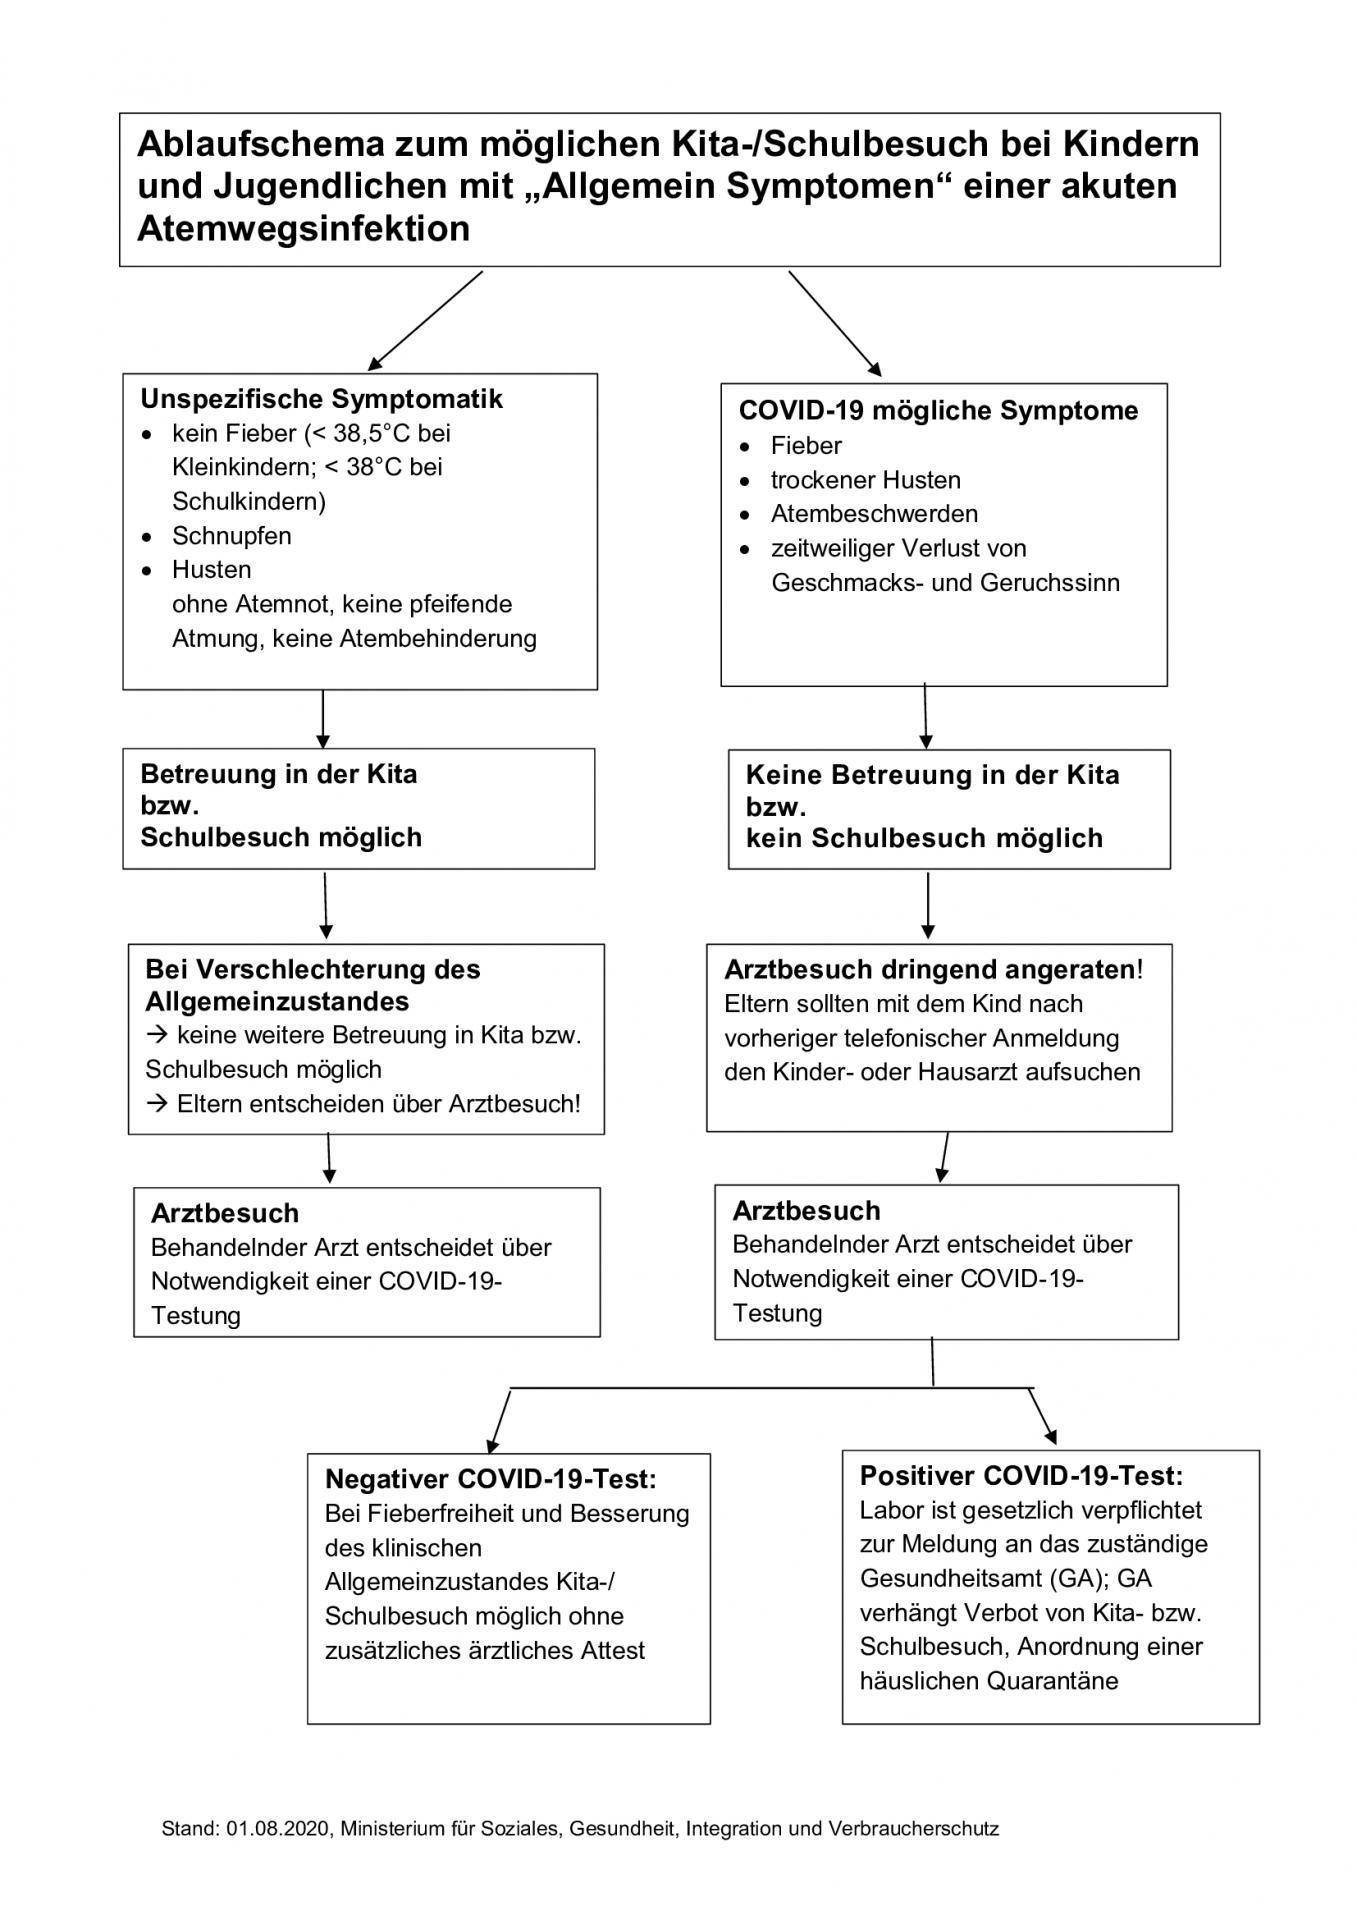 """Ablaufschema zum möglichen Kita-/Schulbesuch bei Kindern und Jugendlichen mit """"Allgemein Symptomen"""" einer akuten Atemwegsinfektion"""